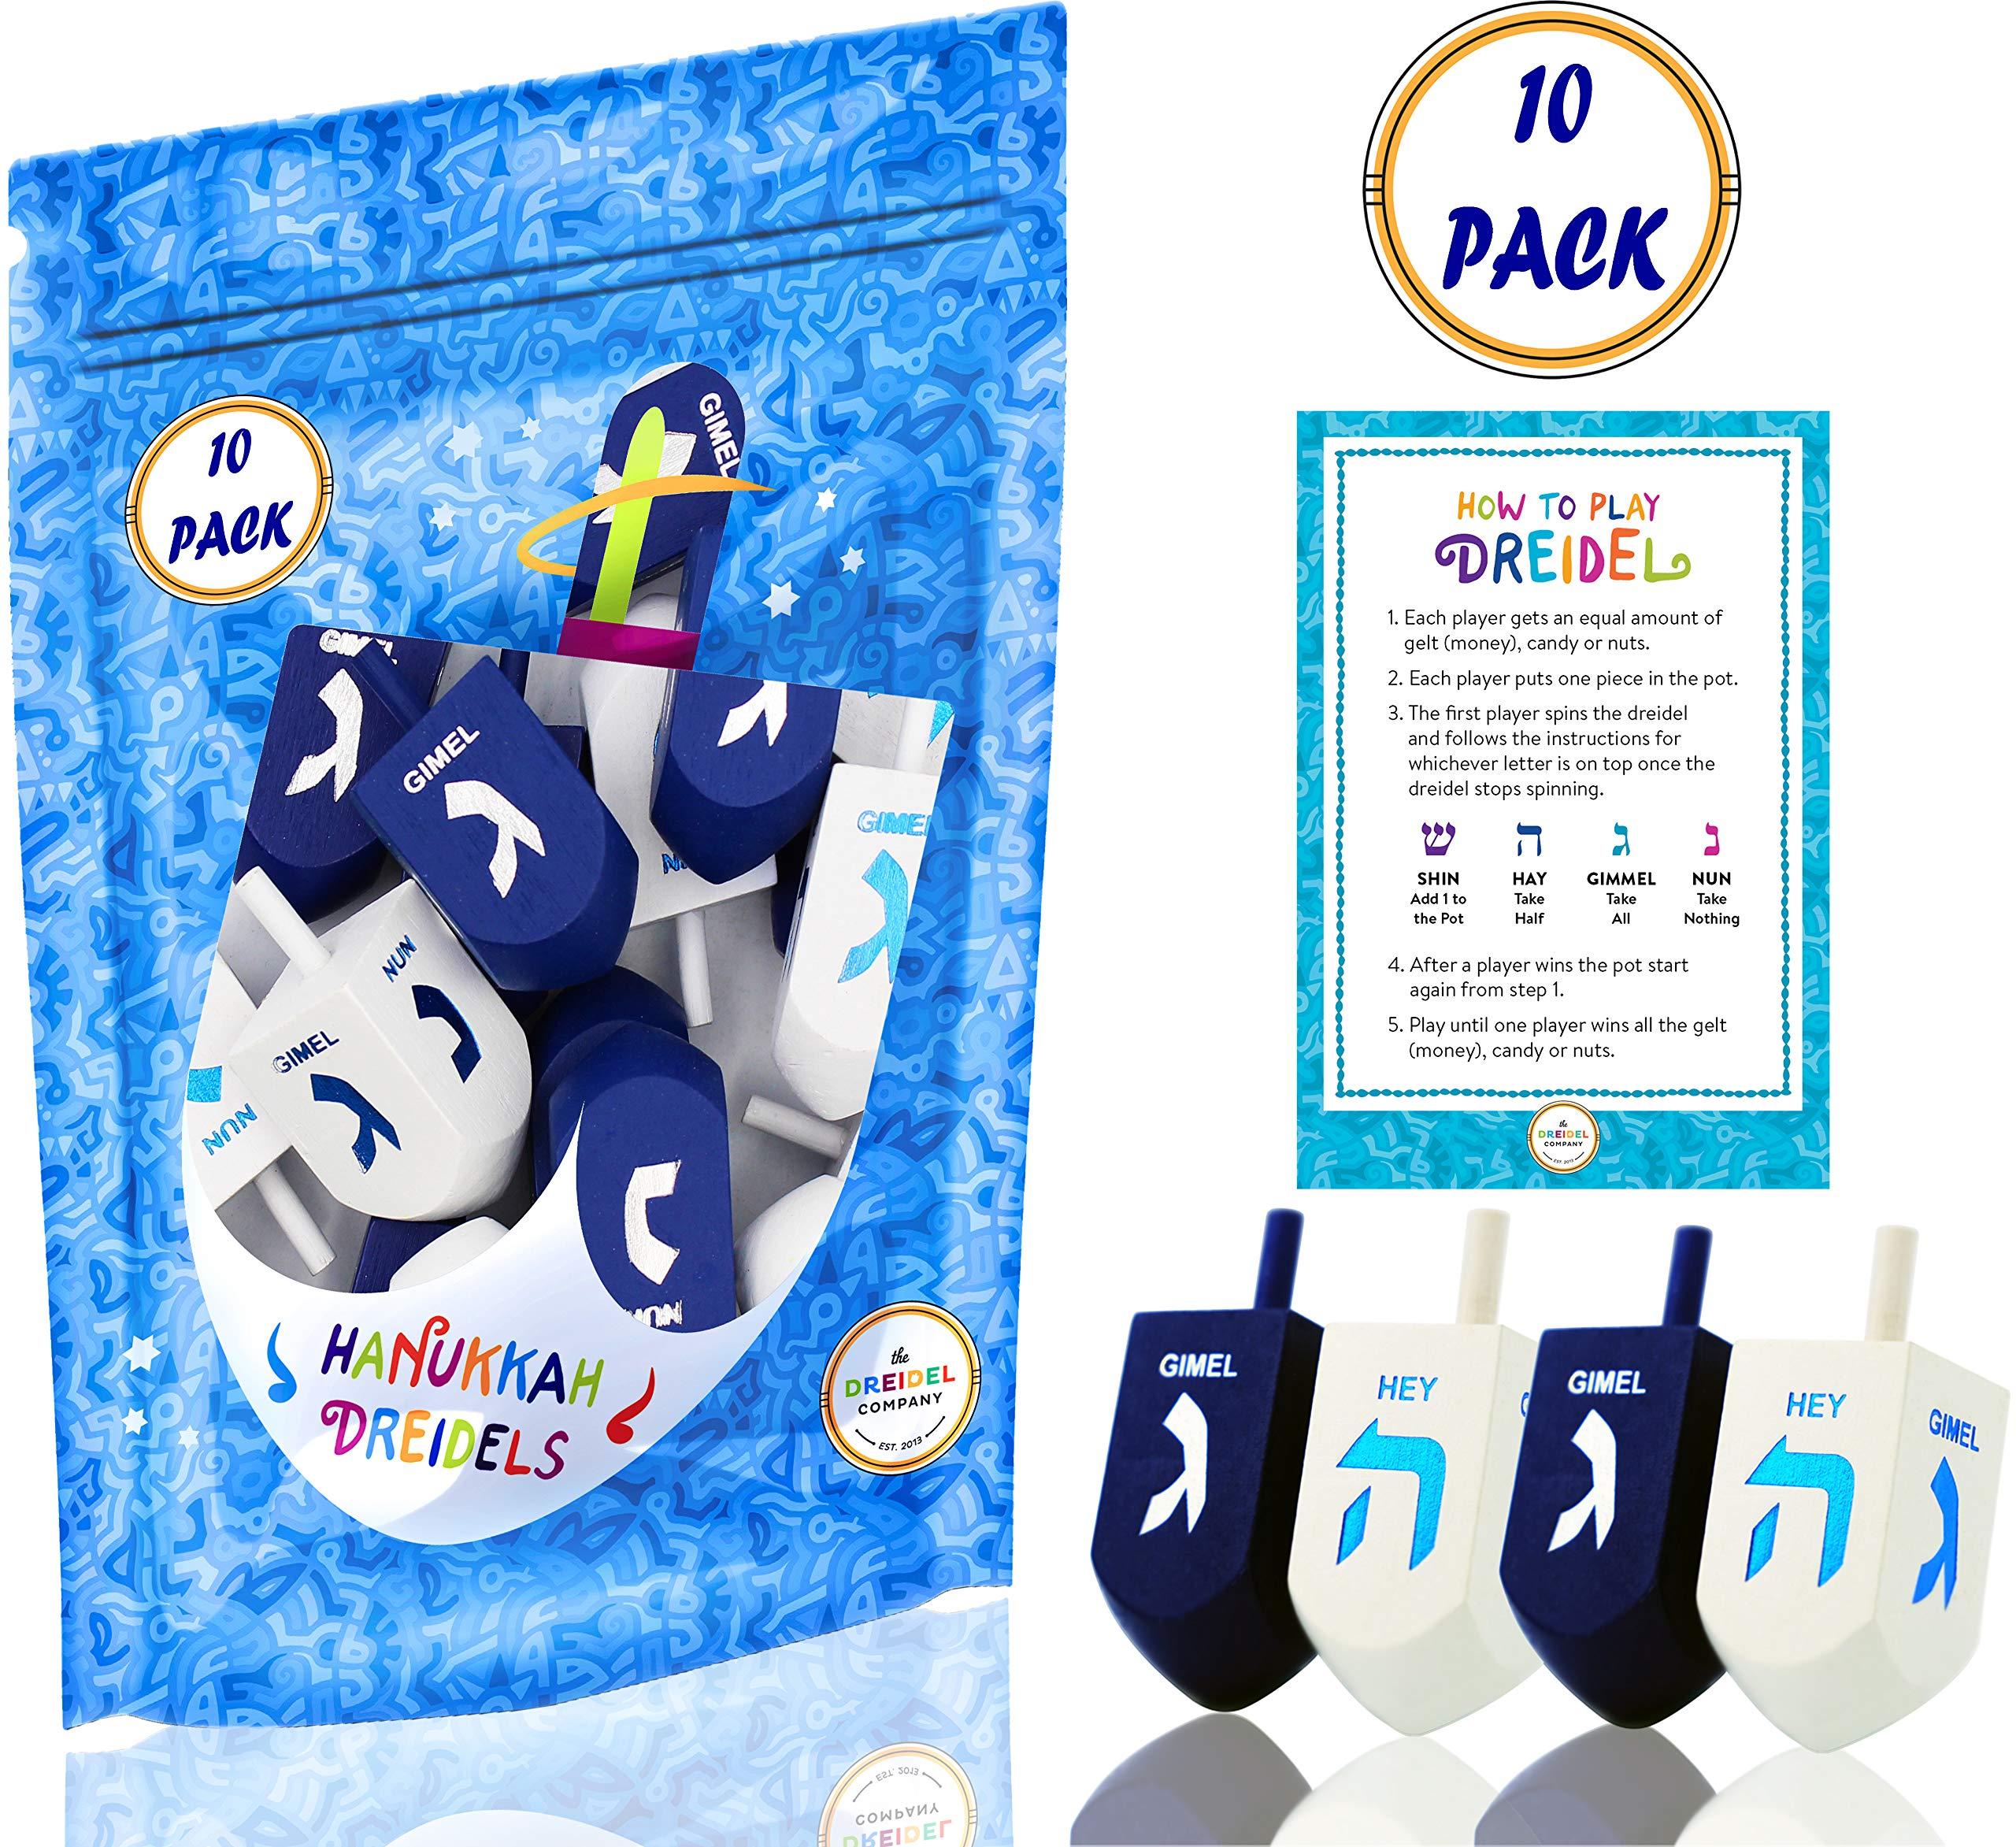 Hanukkah Dreidel Extra Large Blue & White Wooden Dreidels Hand Painted - Includes Game Instruction Cards! (10-Pack XL Dreidels) (10-Pack)